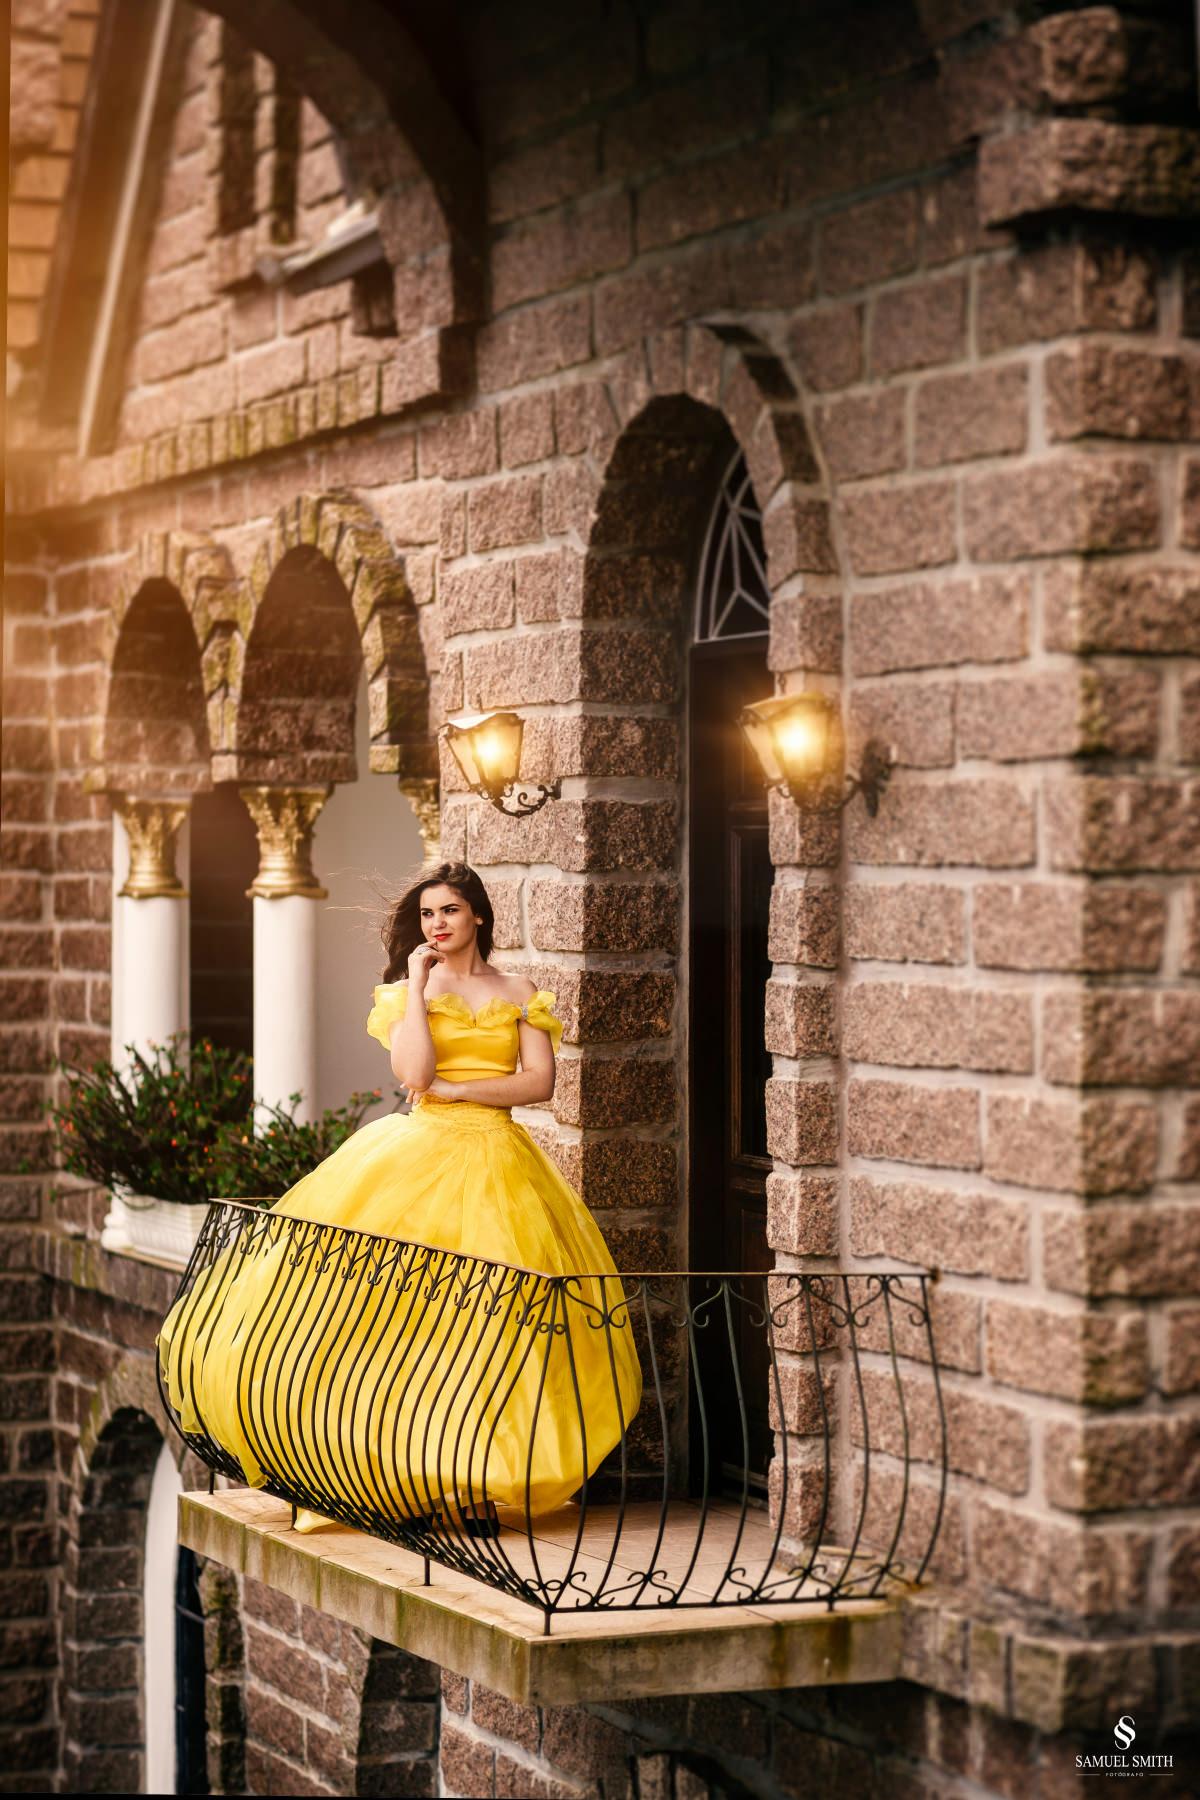 fotógrafo samuel smith book 15 anos tema bela e a fera castelo belvedere treze de maio sc (17)